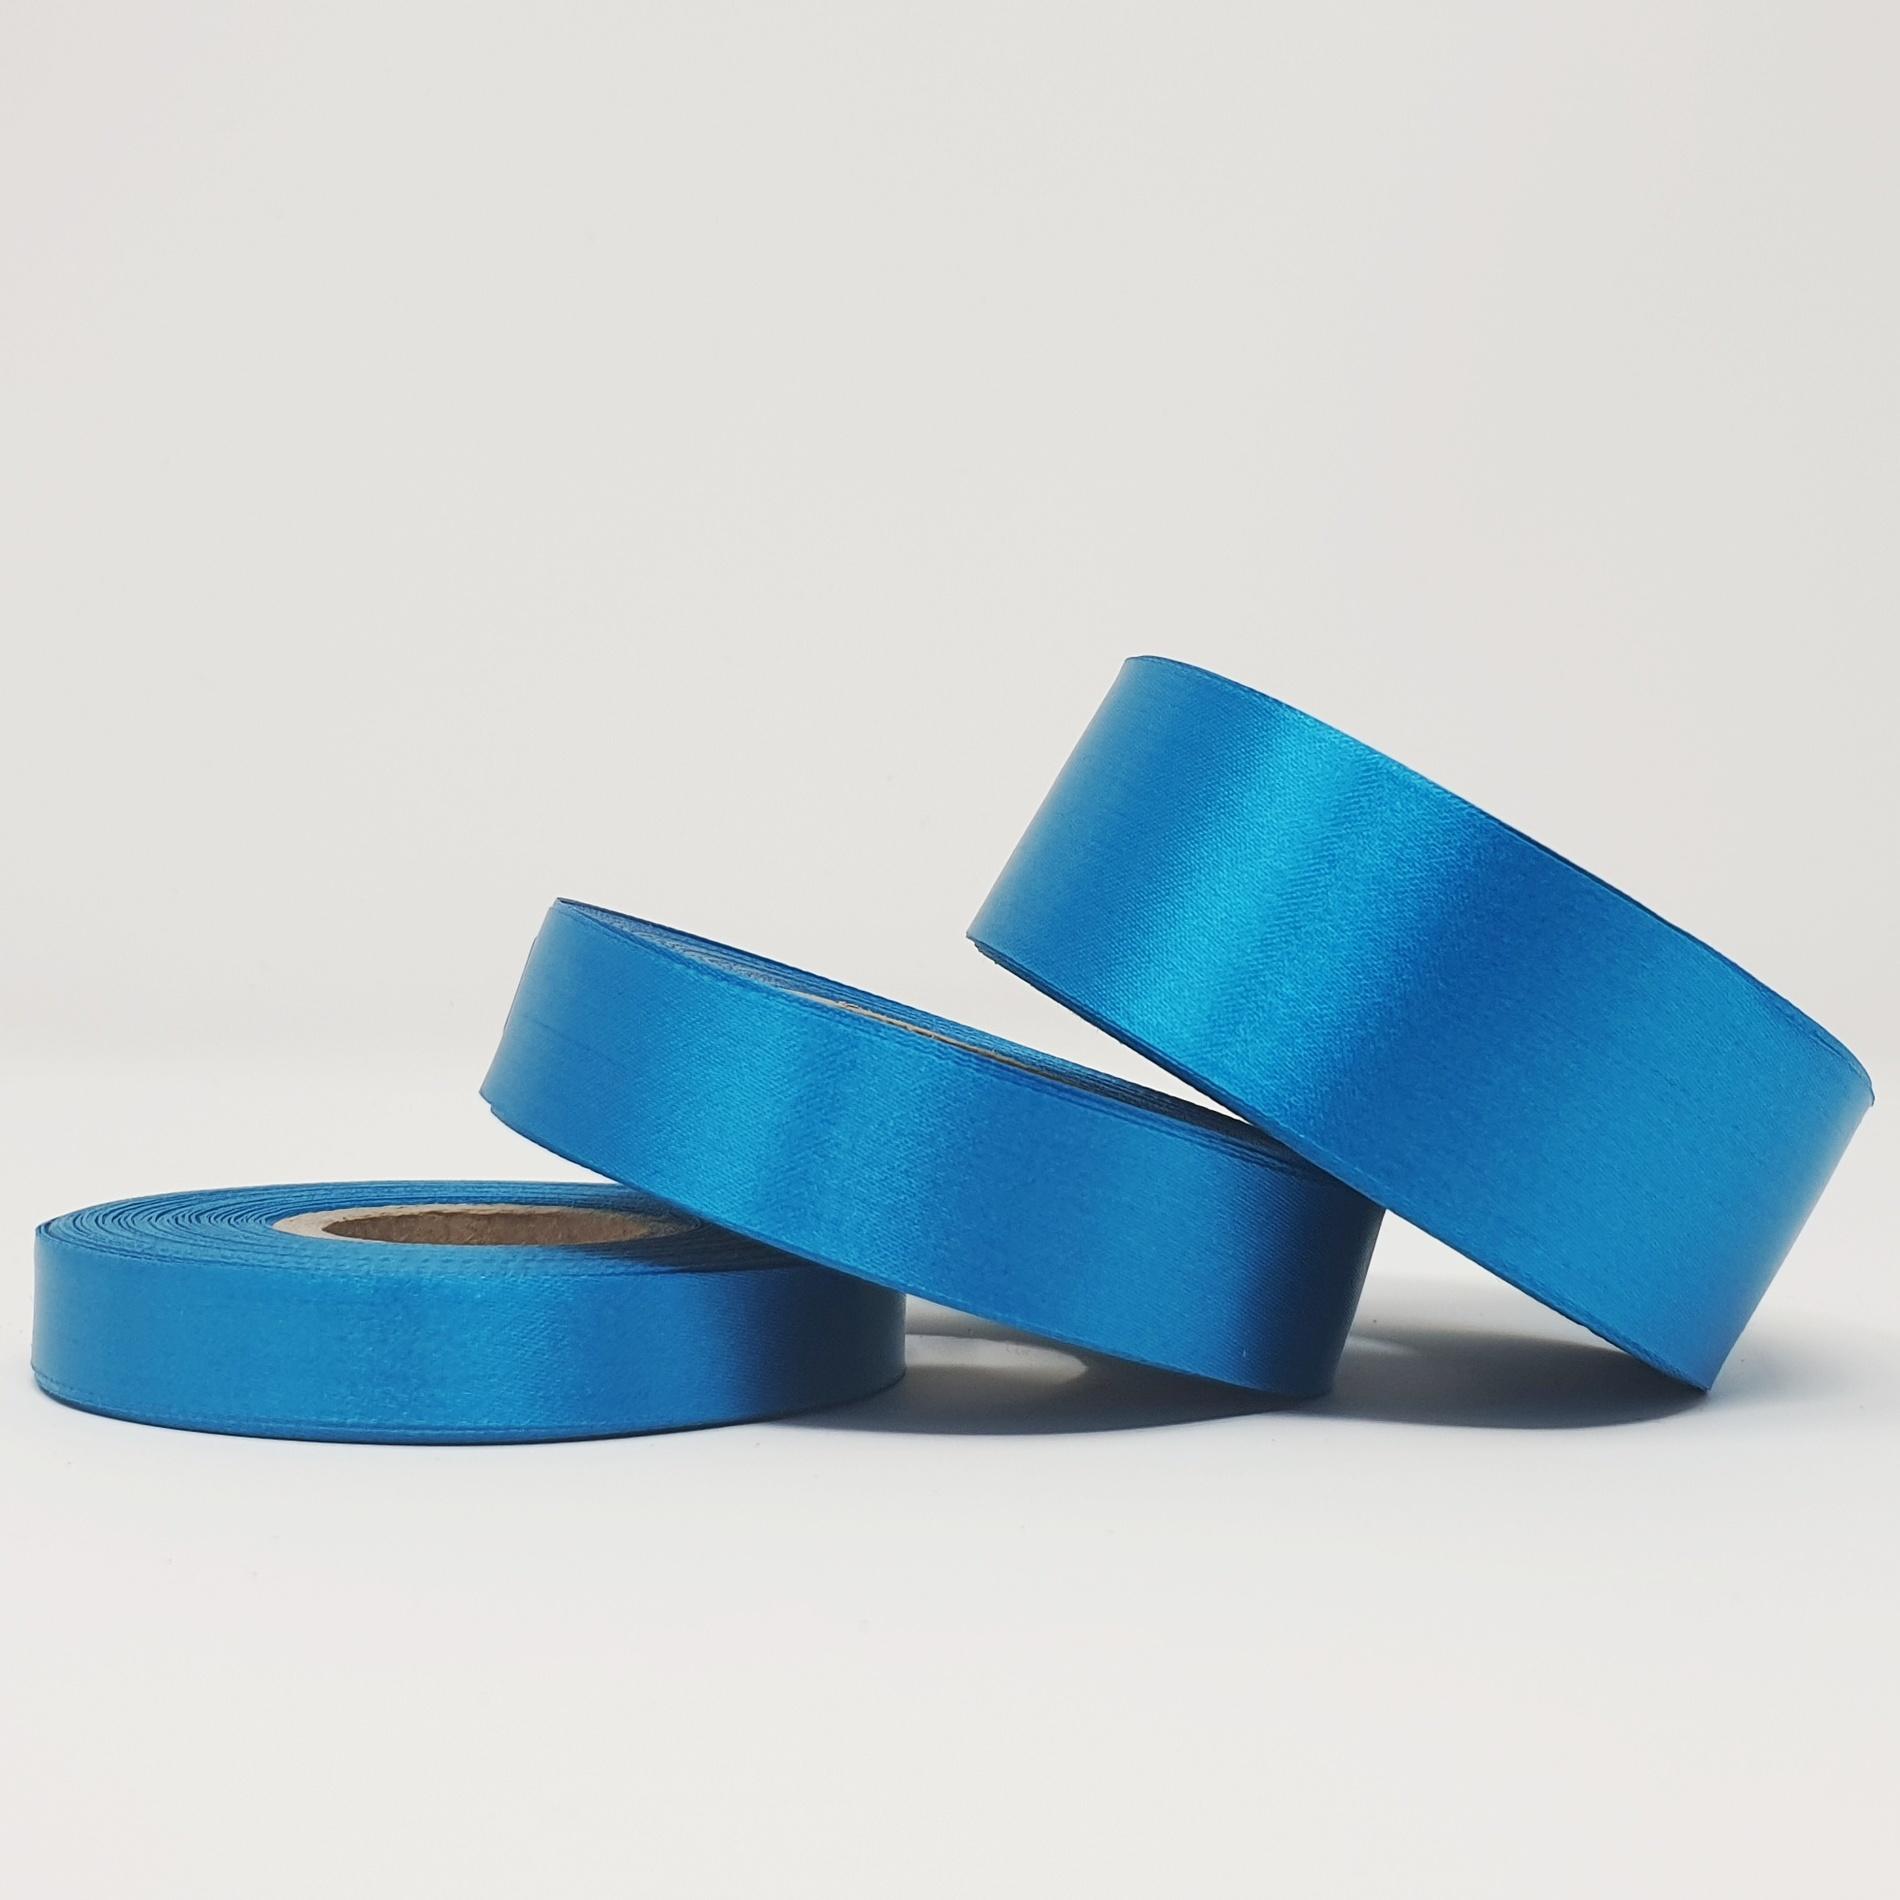 Ruban soie bleu electrique